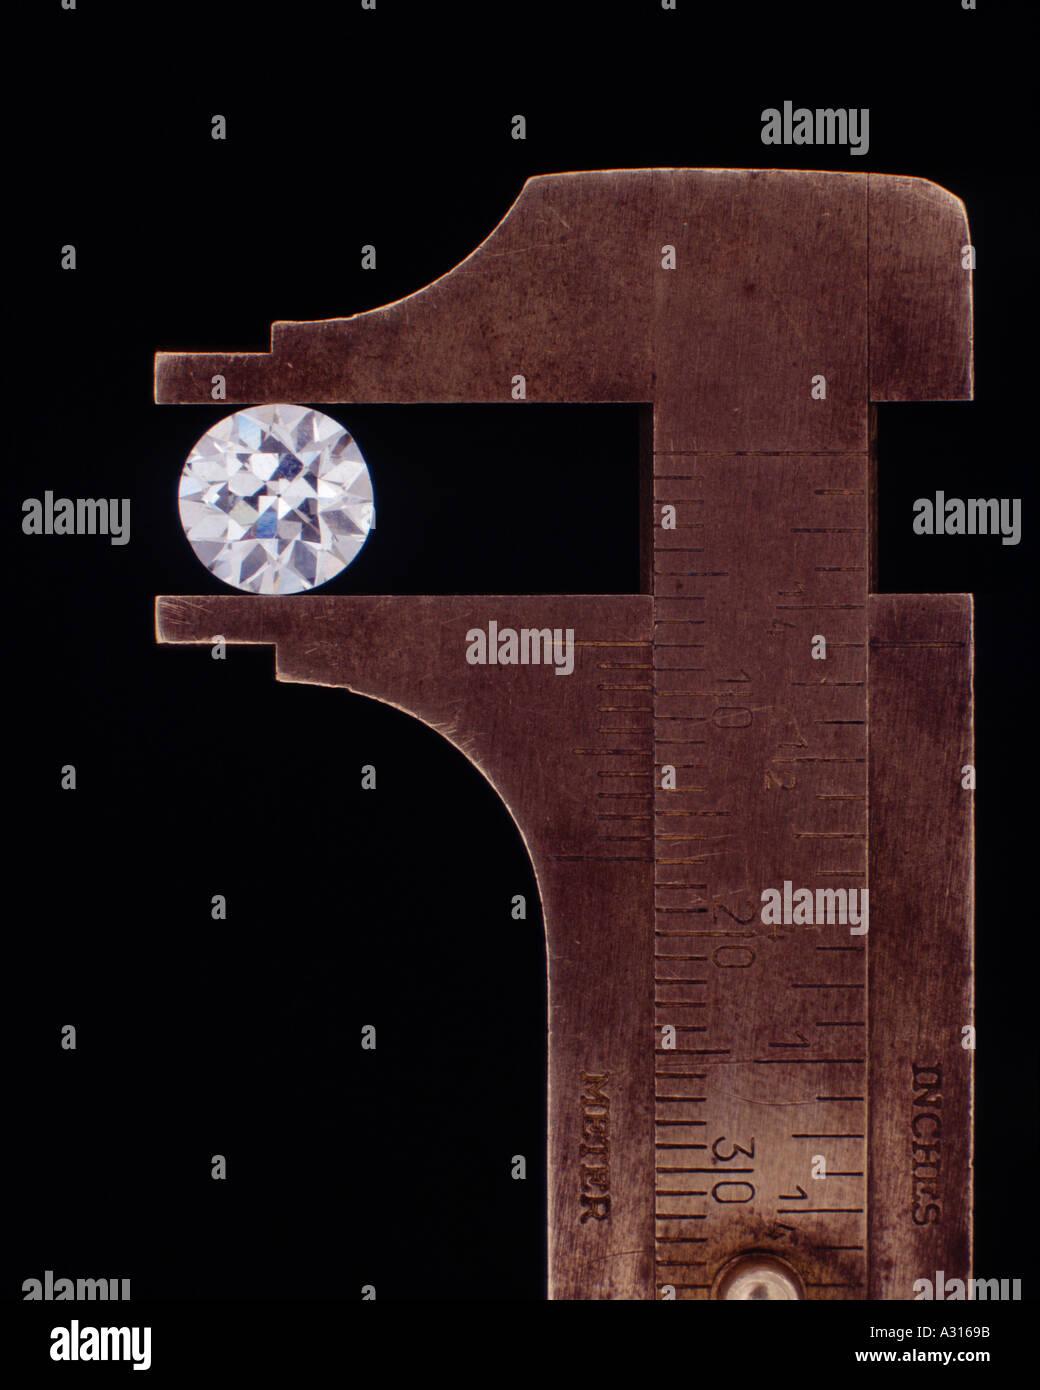 Diamond in Jewellers Calipers - Stock Image